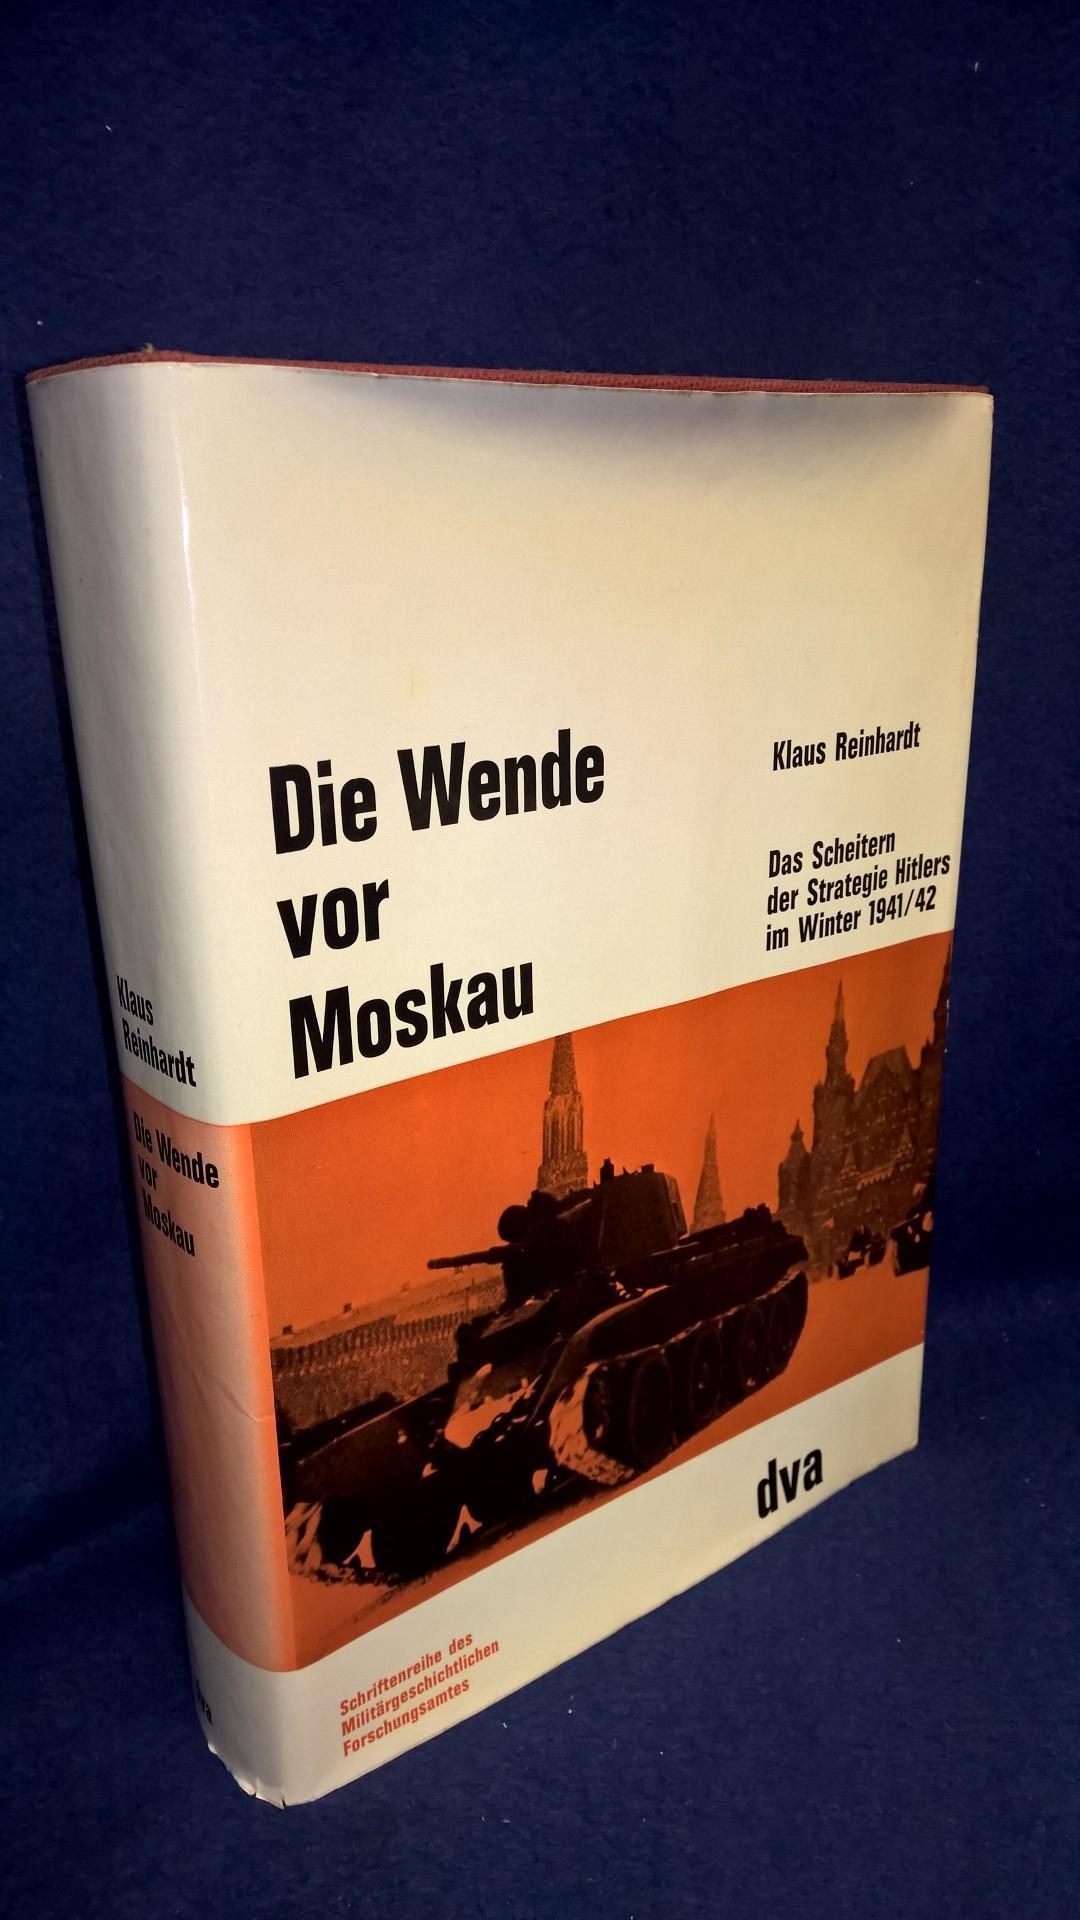 Die Wende vor Moskau. Das Scheitern der Strategie Hitlers im Winter 1941/42